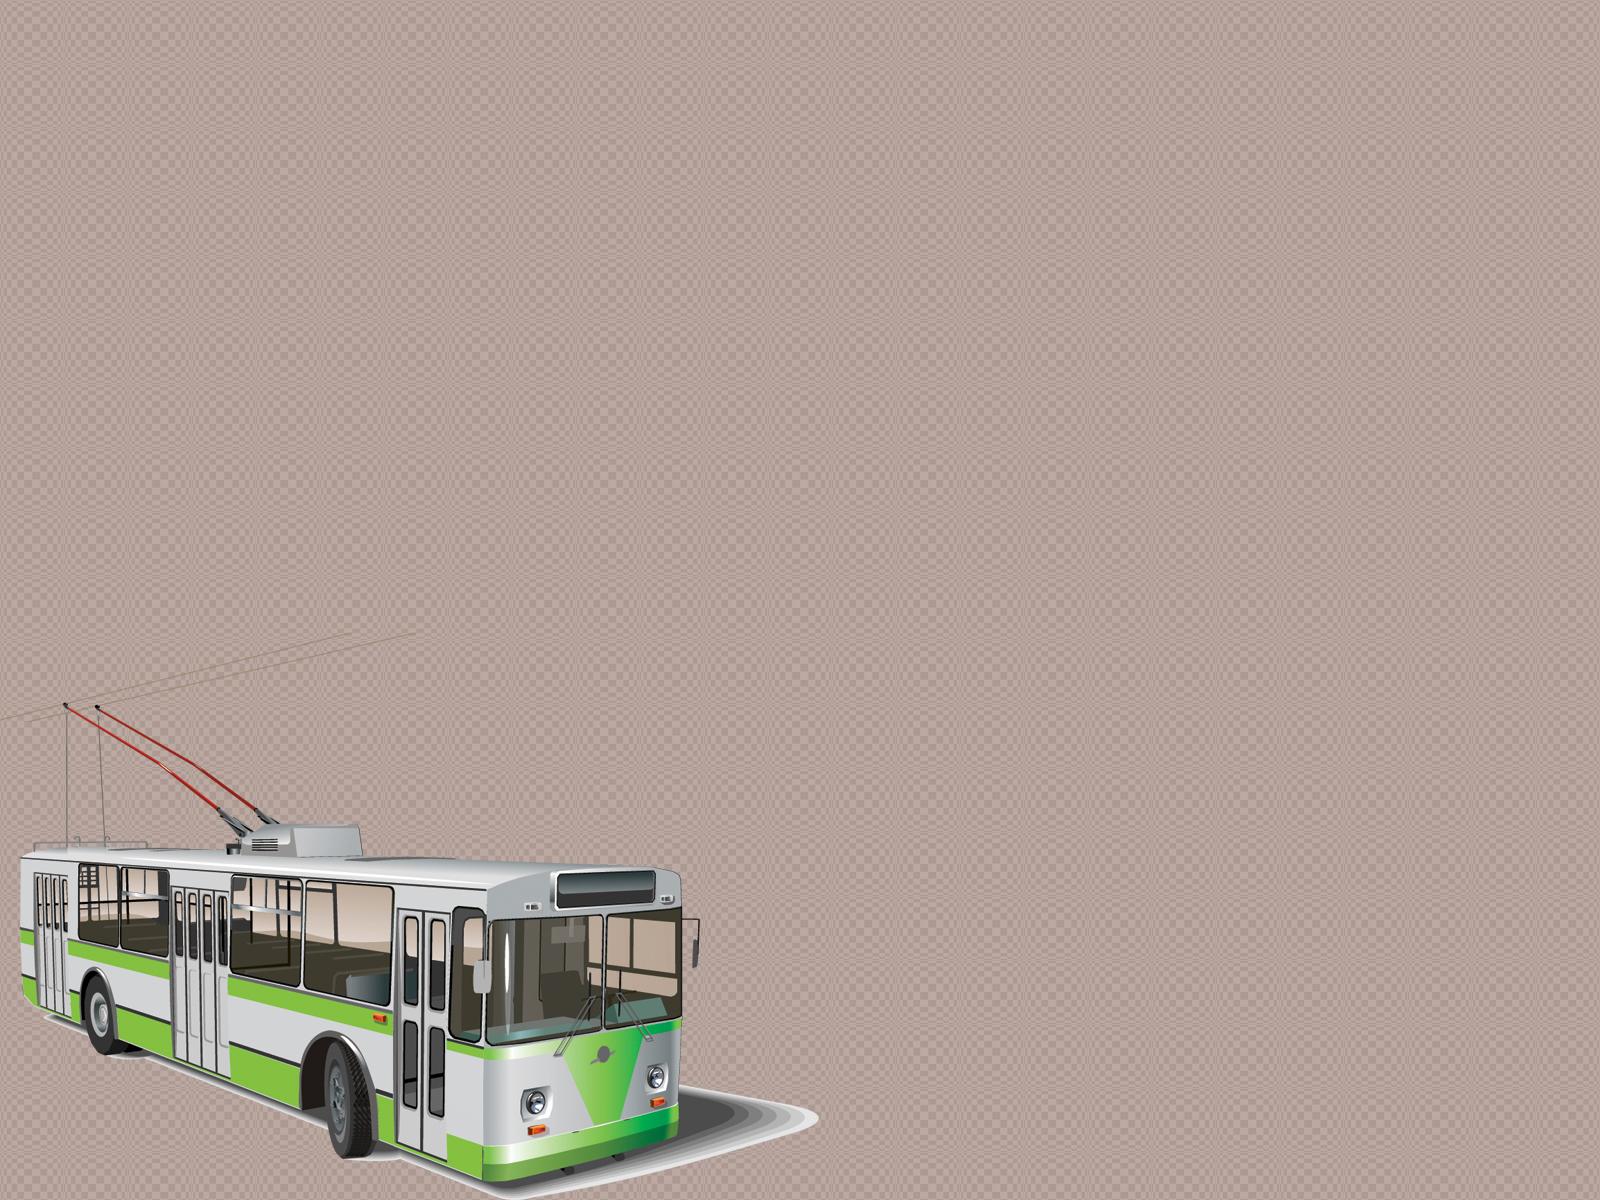 Transportation Tram Vector PPT Backgrounds